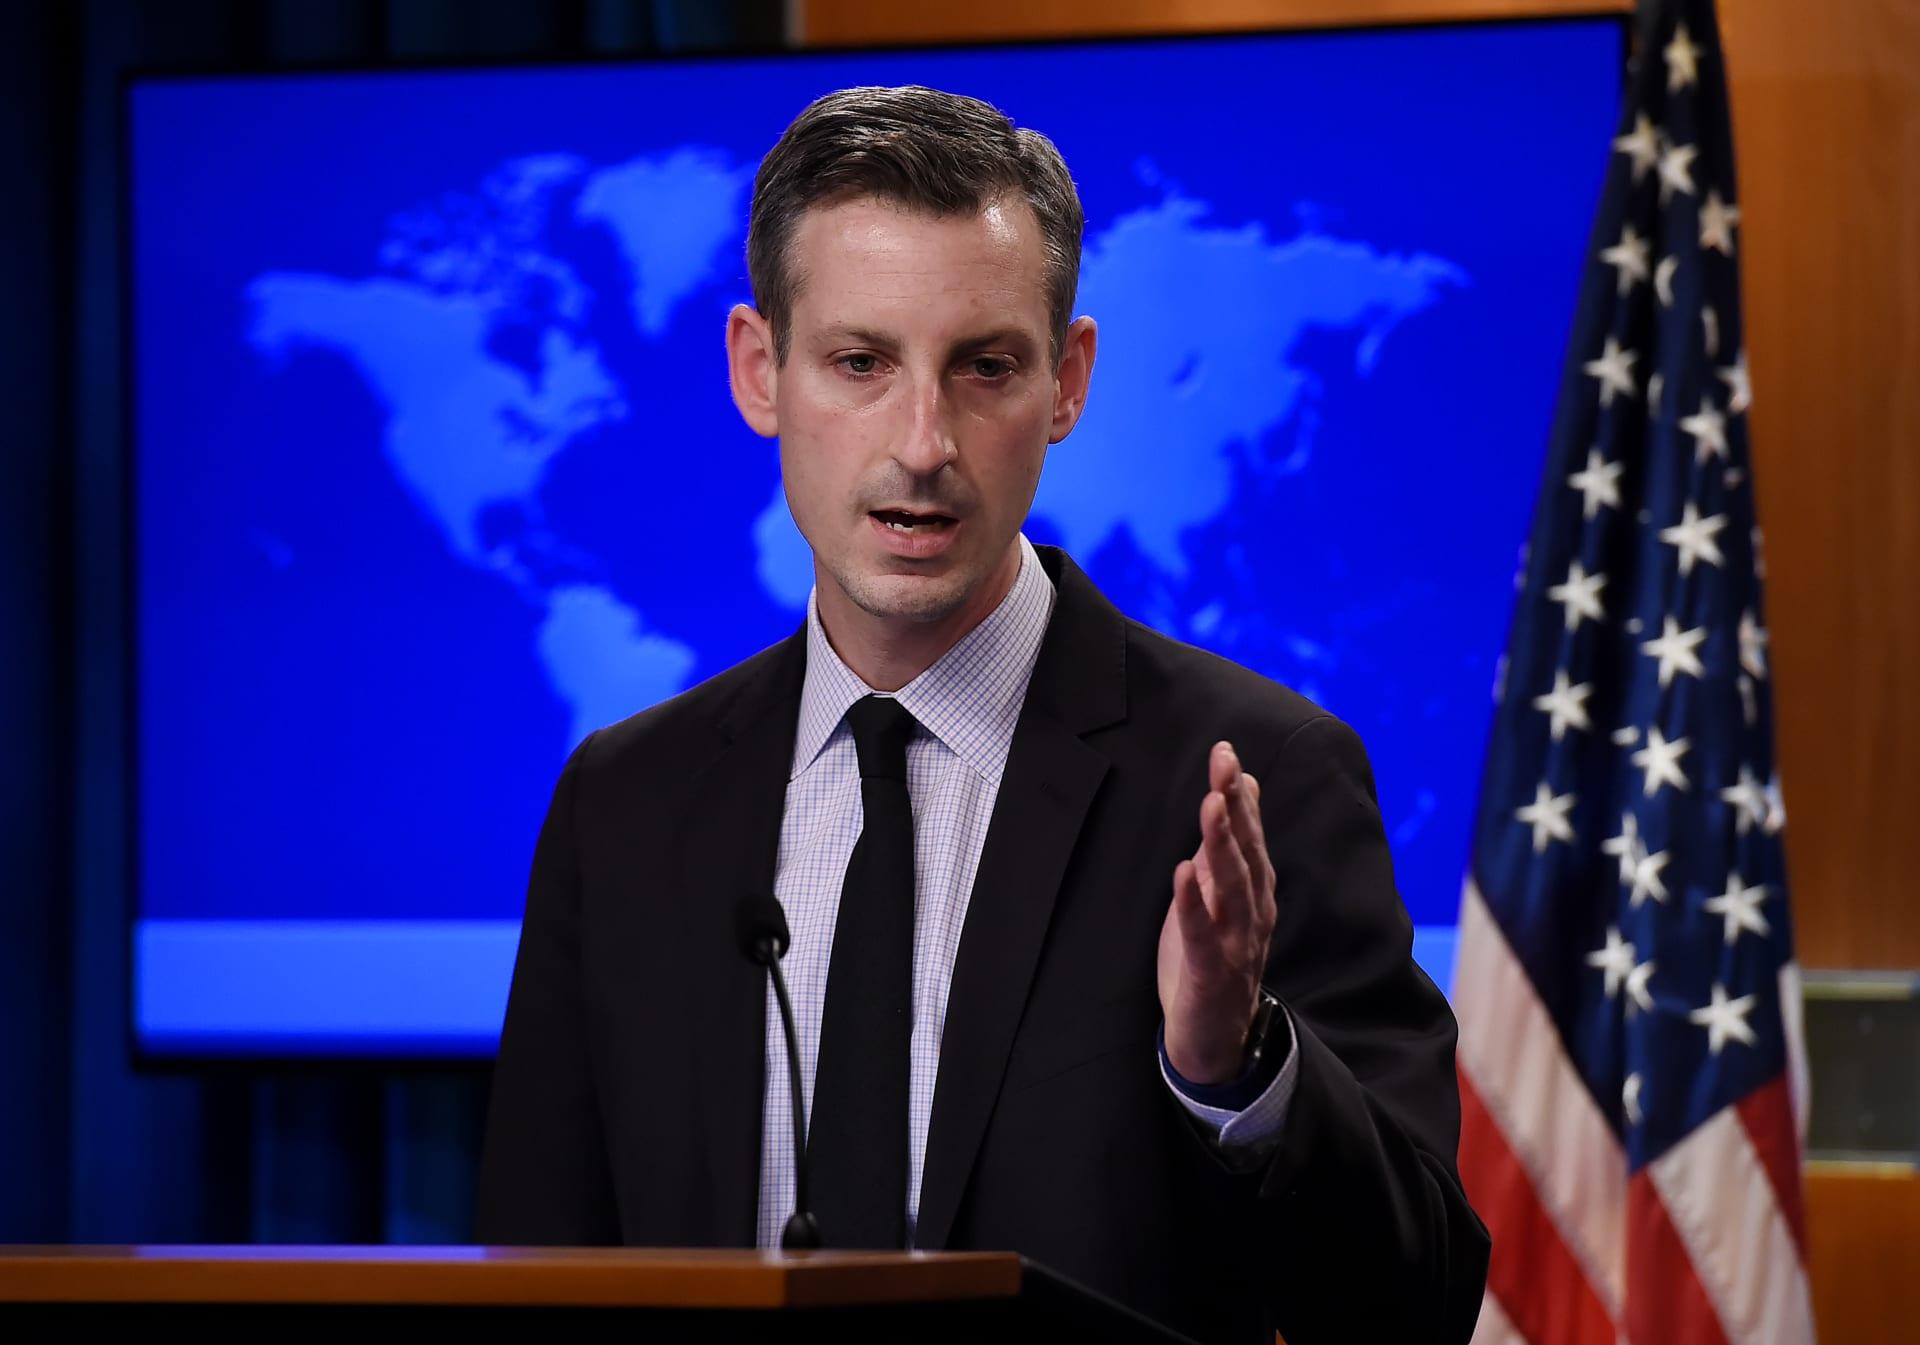 إصابة المتحدث باسم  الخارجية الأمريكية  بفيروس كورونا